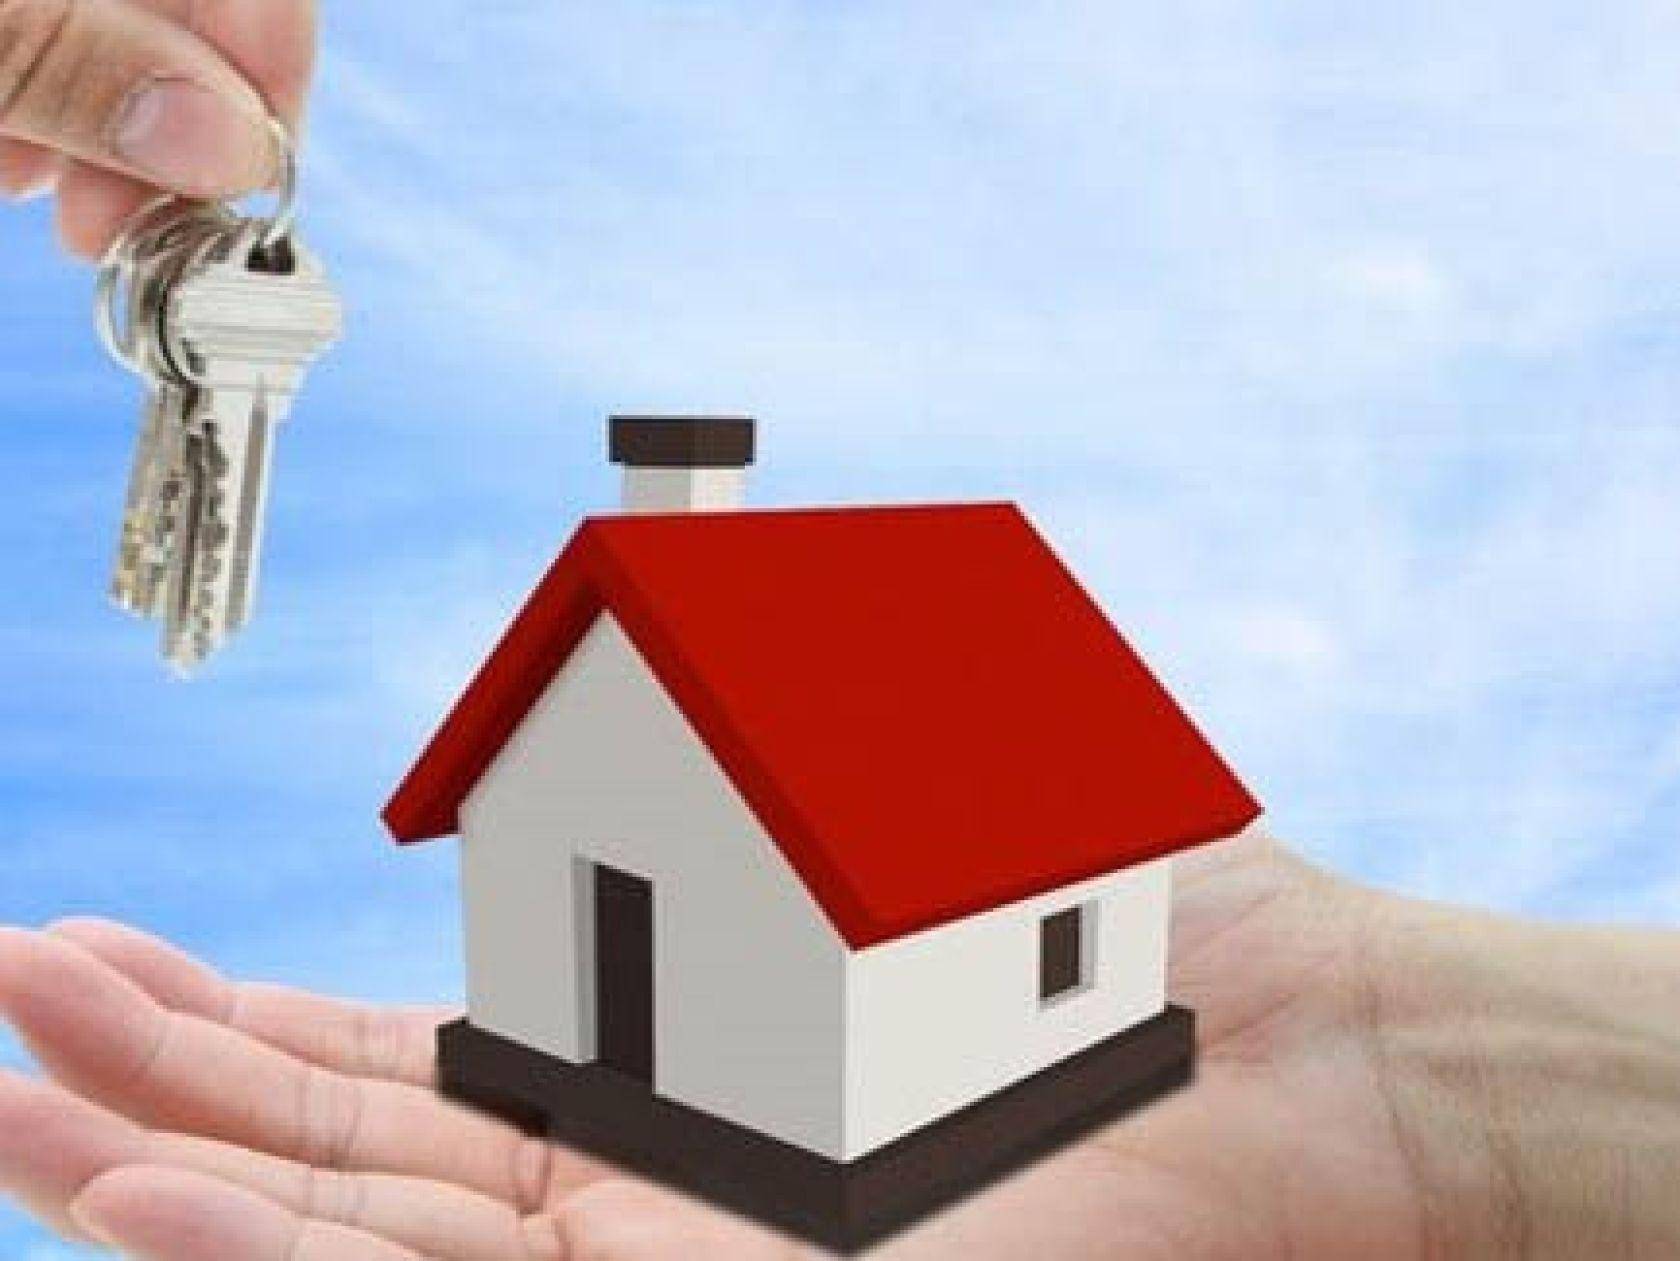 https://www.togofor-homes.com/_wf/image/?/_lib/imgs/page/post/98//2dcd50e1-1dbc-4b1b-9f9f-a8b946fce509.jpg&1680